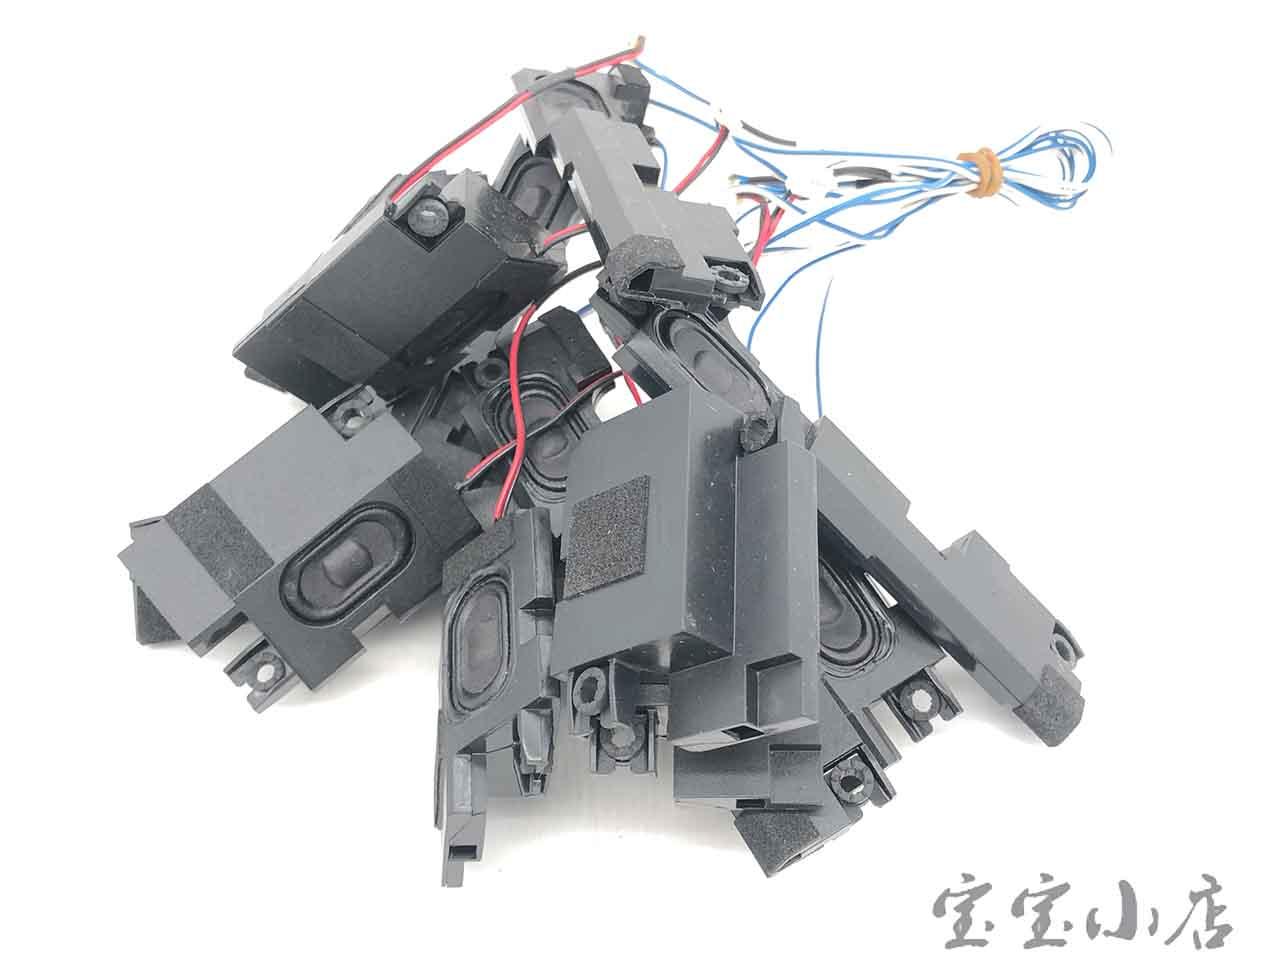 联想Lenovo ThinkPad L440 Series 喇叭内置音箱扬声器23.40AA8.002 04X4847 Laptop Internal Speakers